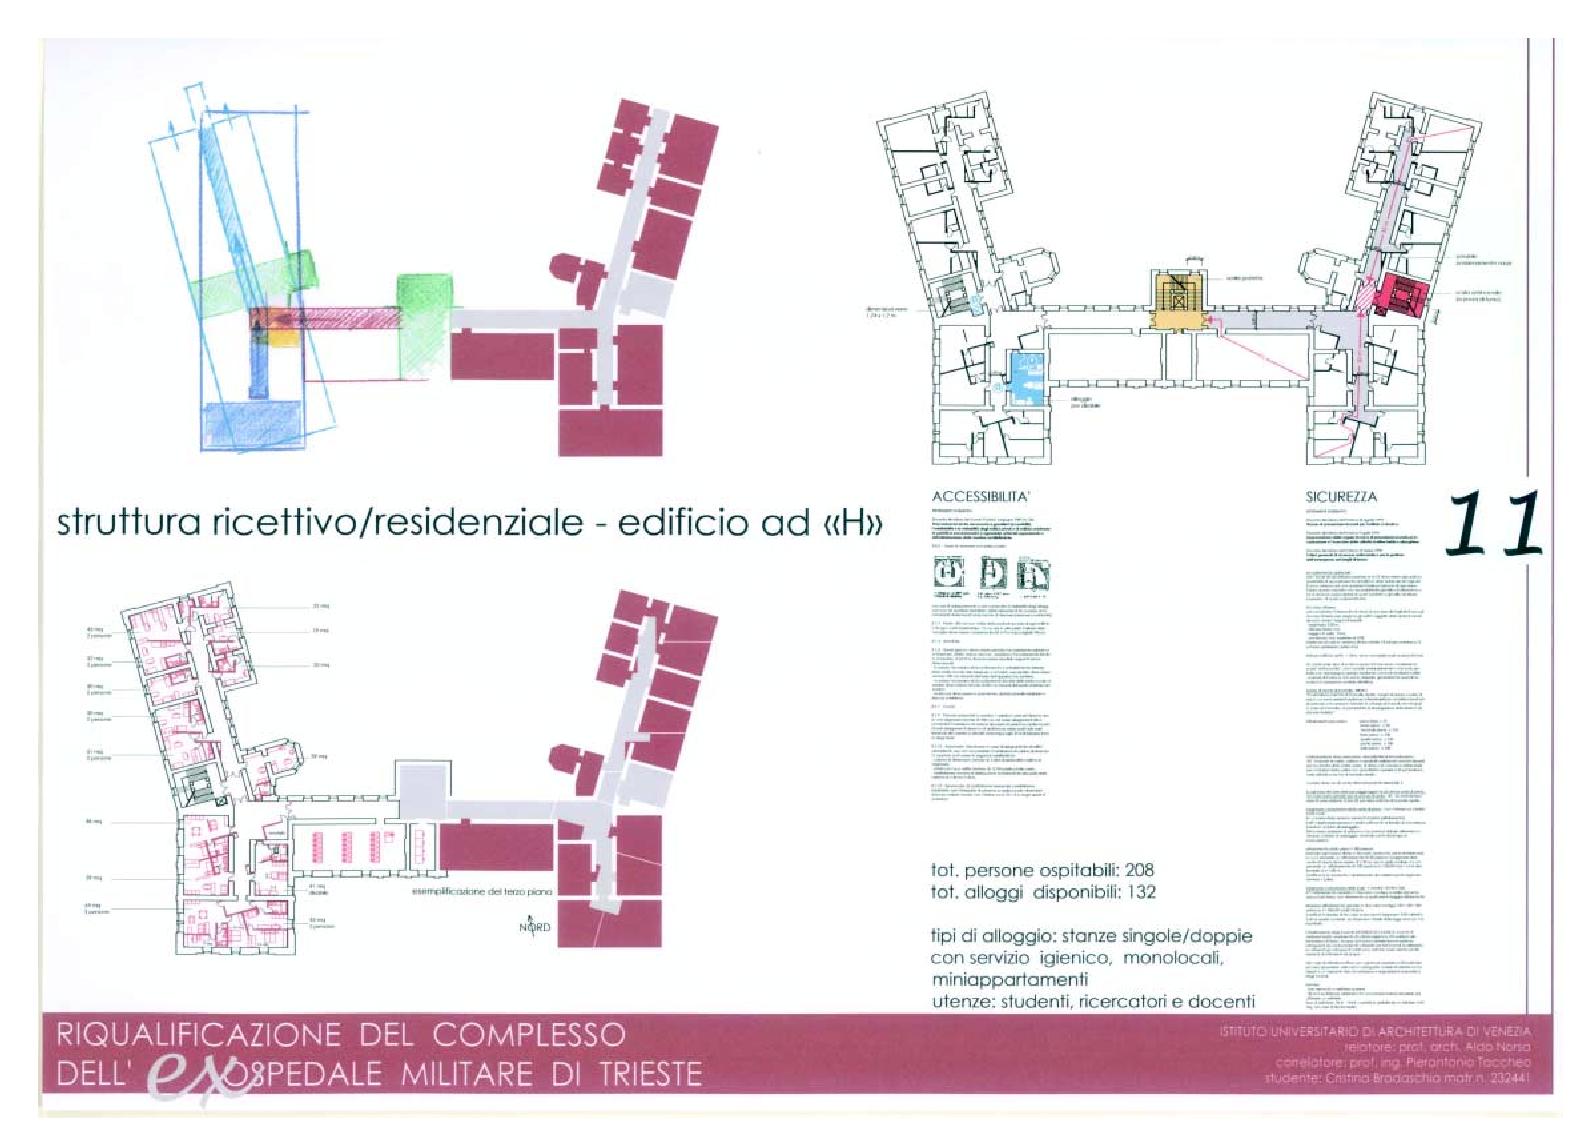 Anteprima della tesi: Riqualificazione del complesso dell'ex ospedale militare di Trieste, Pagina 4